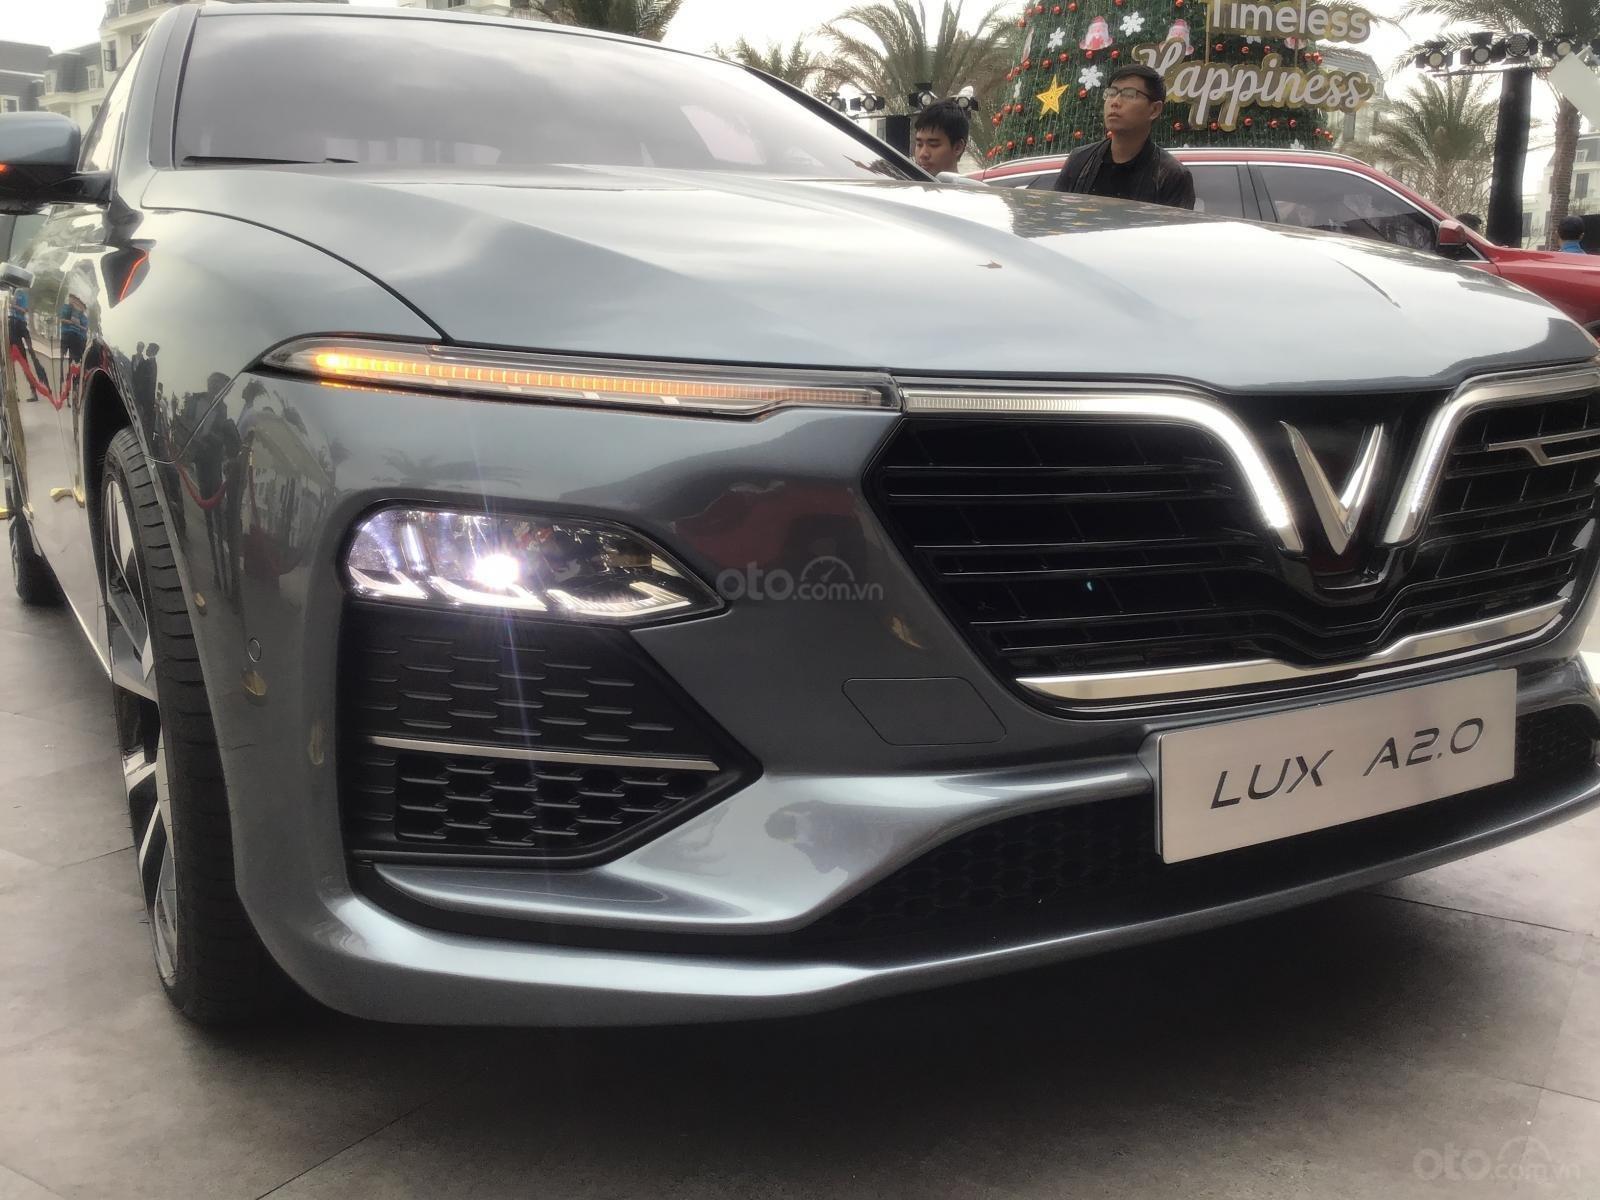 Vinfast Hải Phòng, đặt cọc xe Vinfast Lux A2.0 tại Hải Phòng giá tốt nhất, nhận xe nhanh nhất-3